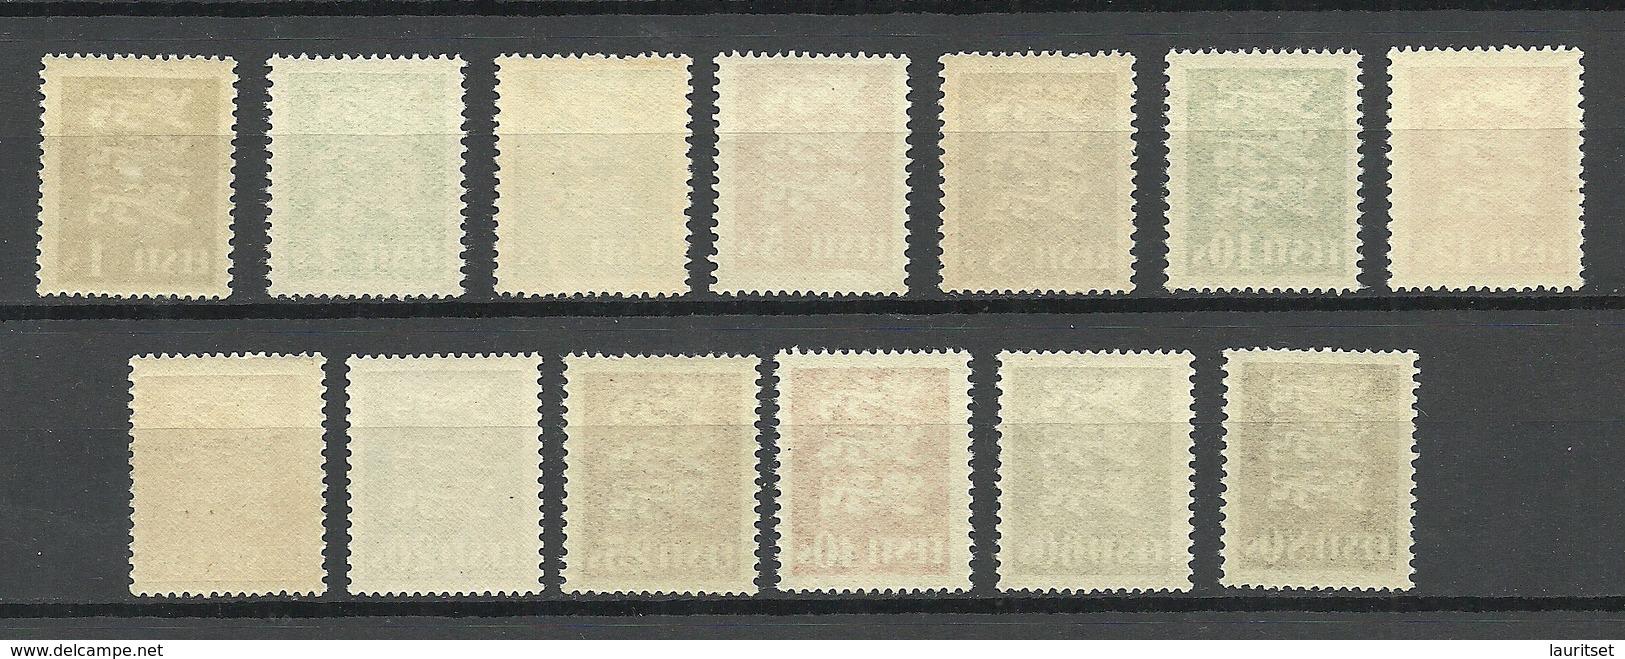 Estland Estonia 1928/29 Michel 74 - 86 MNH - Estonia